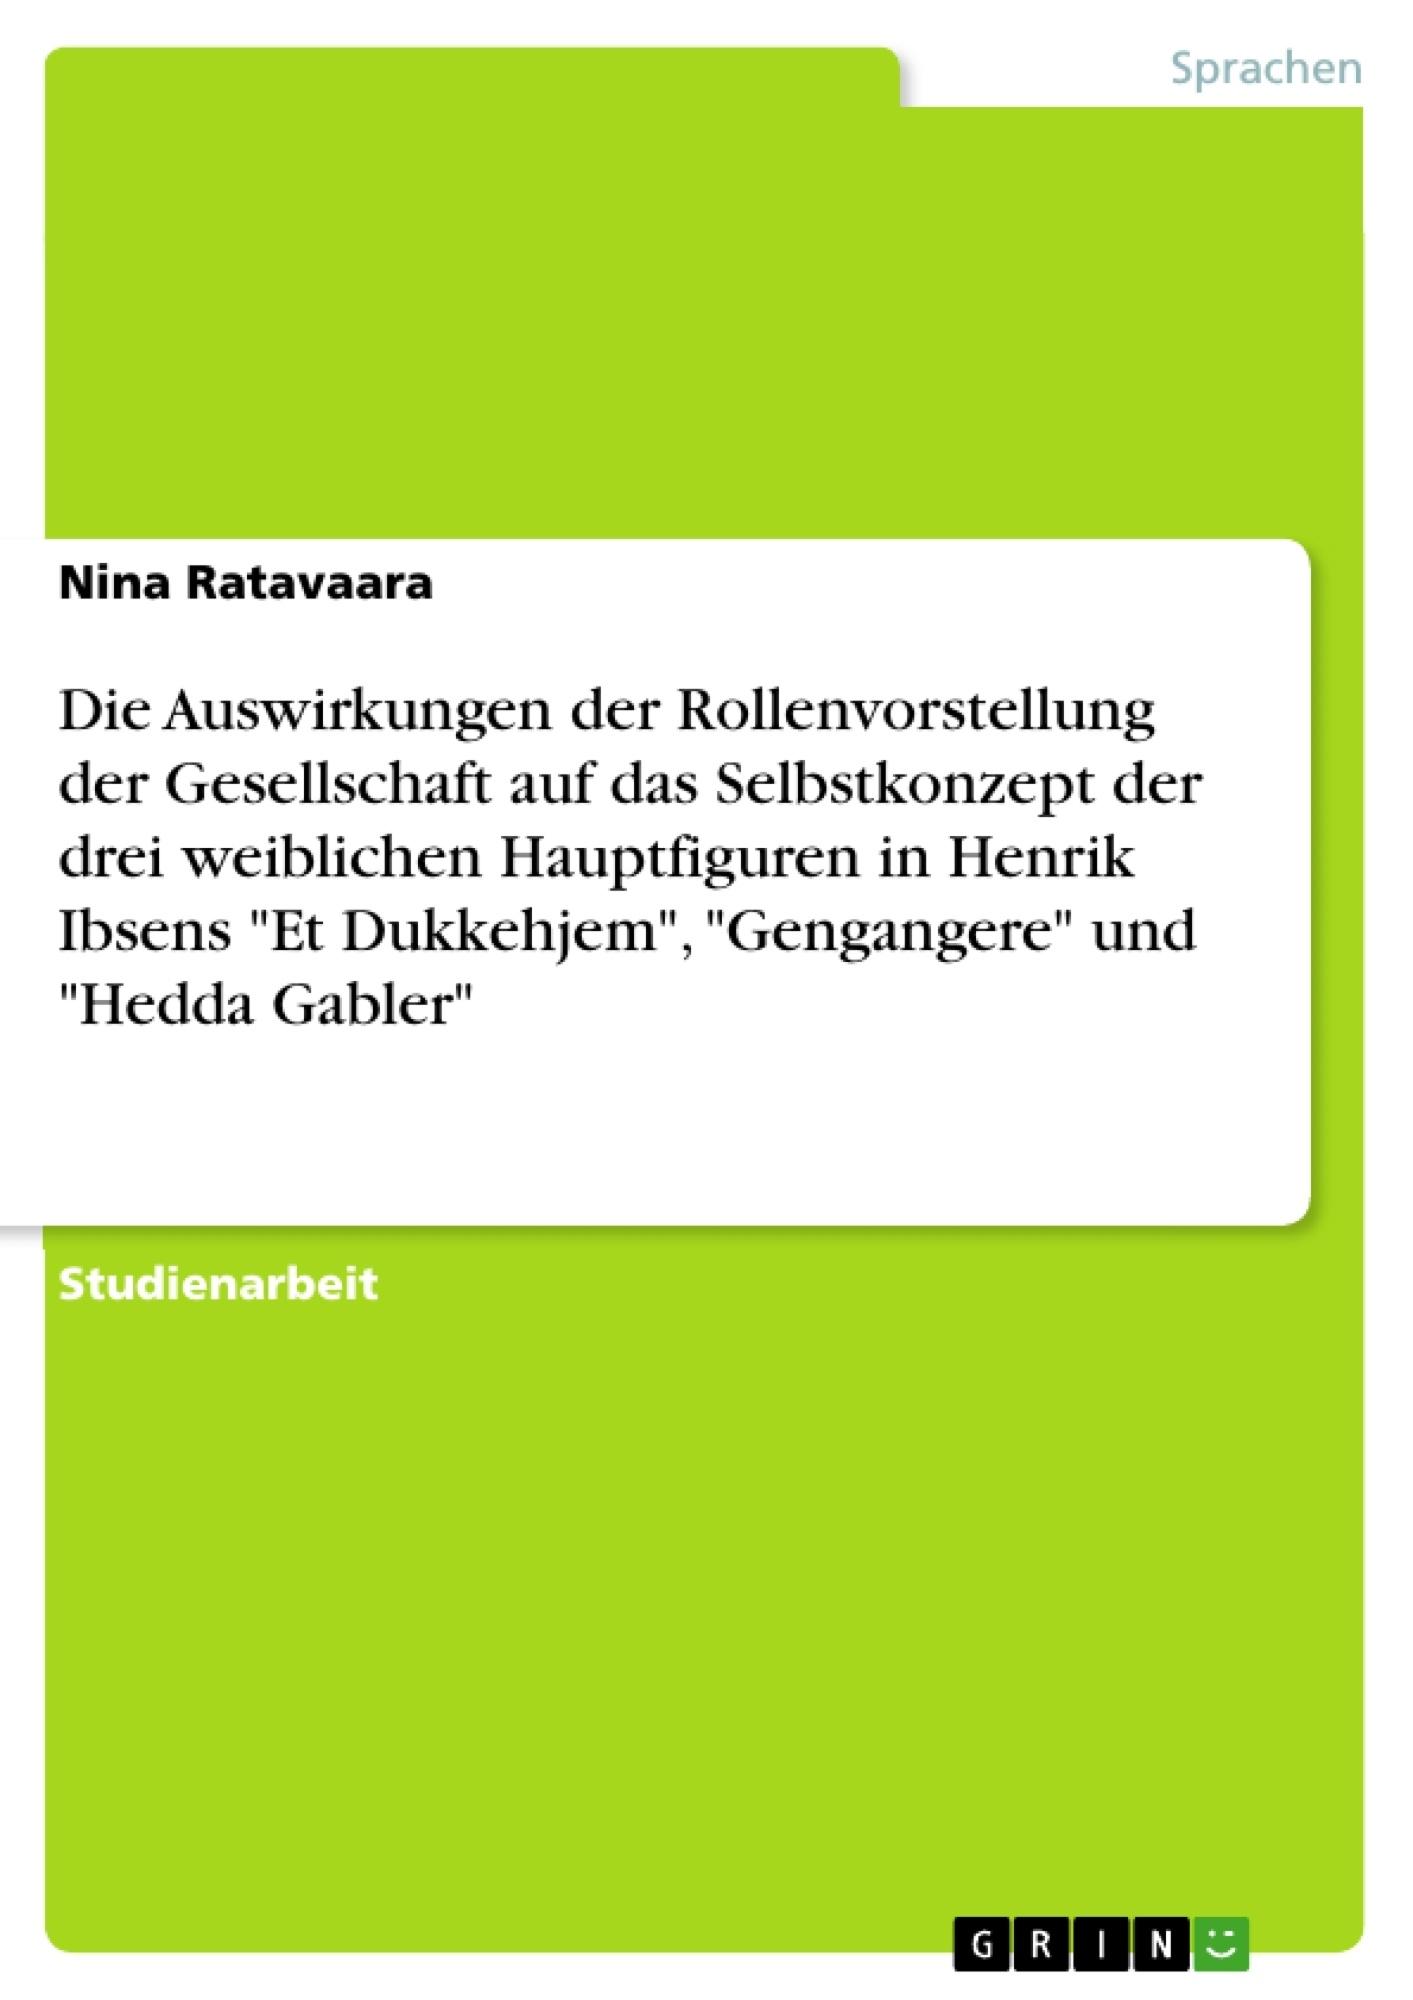 """Titel: Die Auswirkungen der Rollenvorstellung der Gesellschaft auf das Selbstkonzept der drei weiblichen Hauptfiguren in Henrik Ibsens """"Et Dukkehjem"""", """"Gengangere"""" und """"Hedda Gabler"""""""